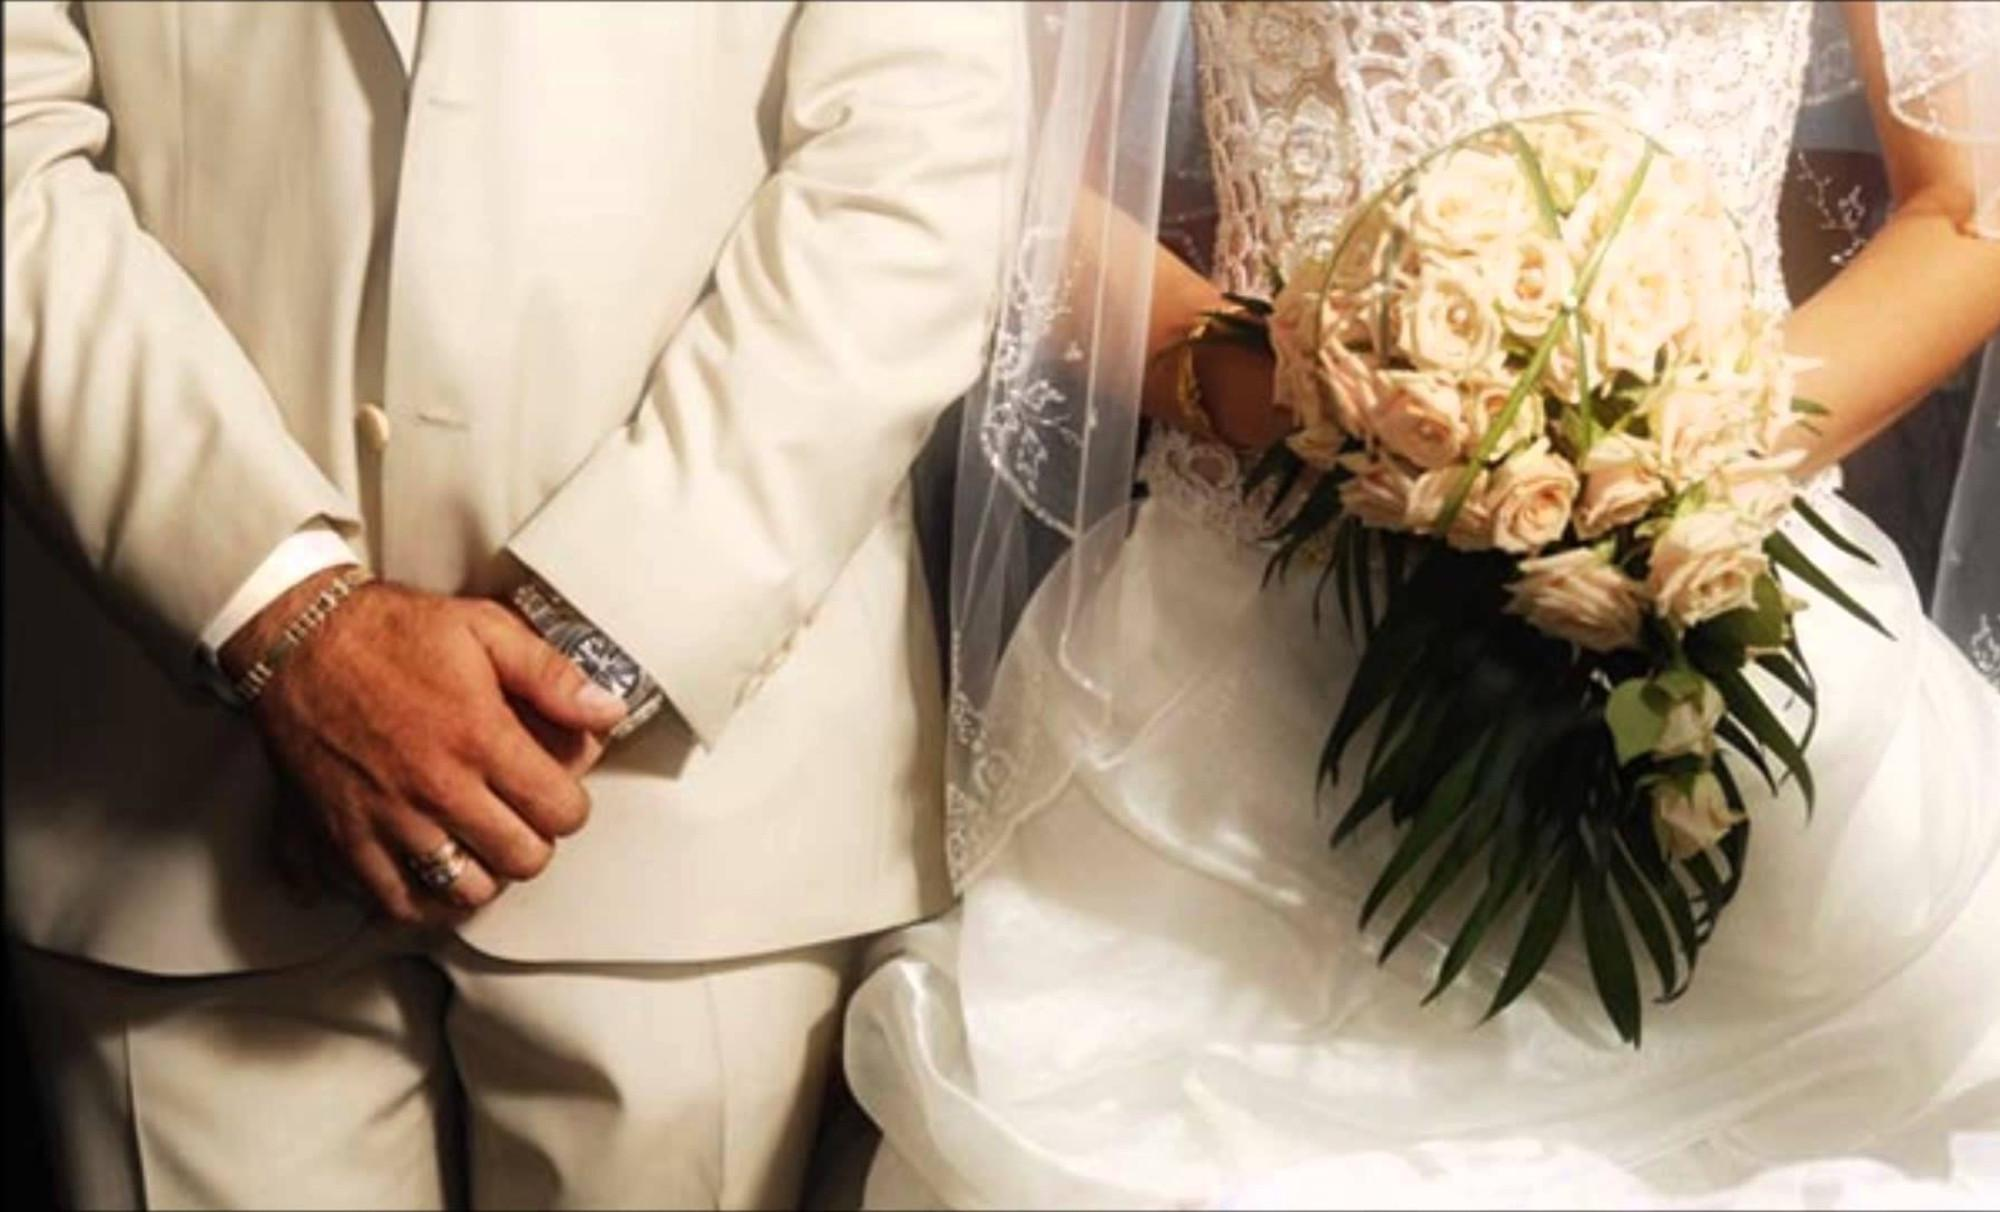 Έκανε μήνυση στον σύντροφό της επειδή δεν της έκανε πρόταση γάμου μετά από 8 χρόνια σχέσης